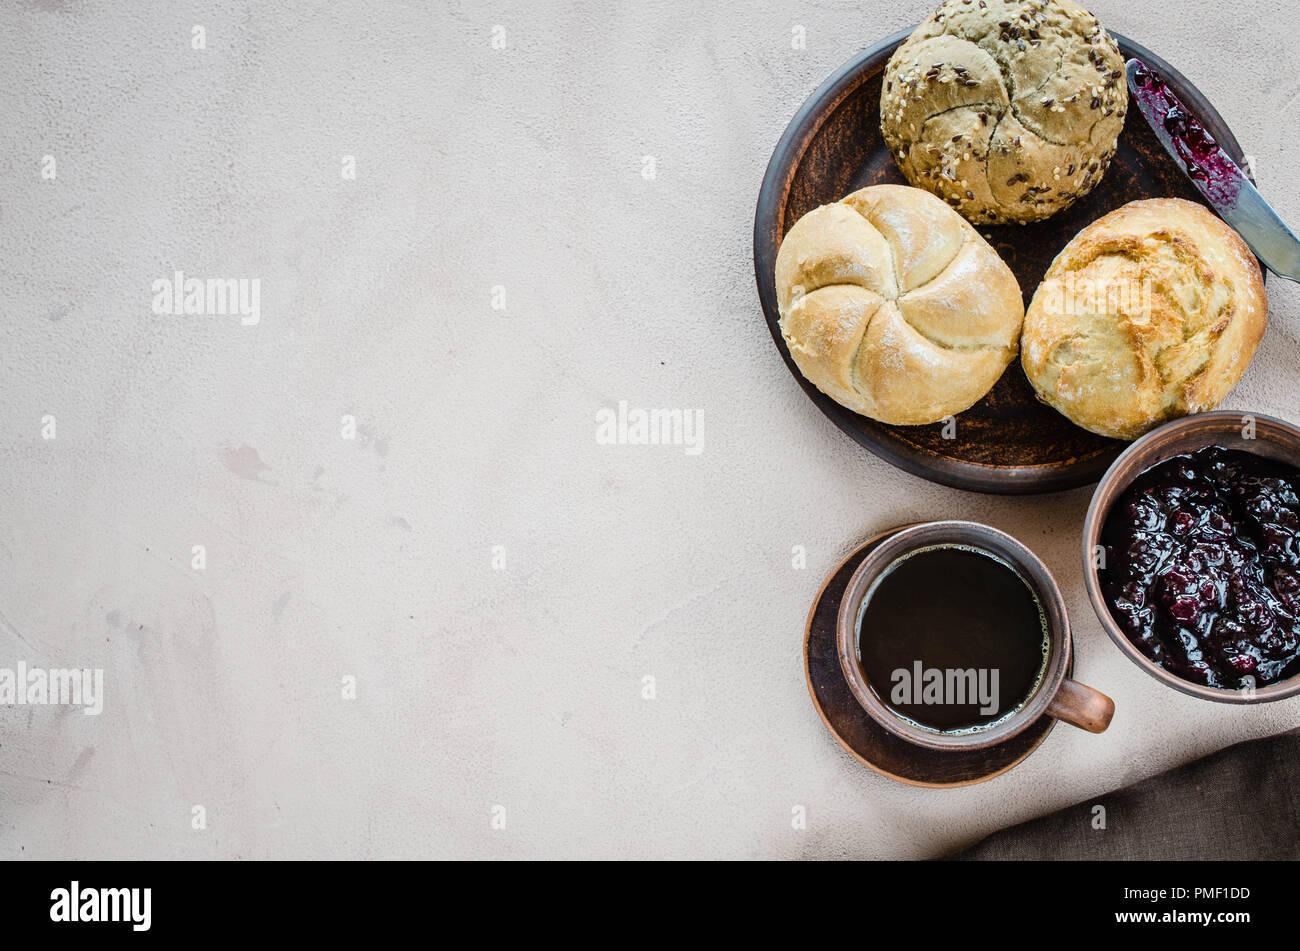 Café americano, bollos frescos y mermelada. Simple desayuno en la mañana. Estilo rústico. Imagen De Stock